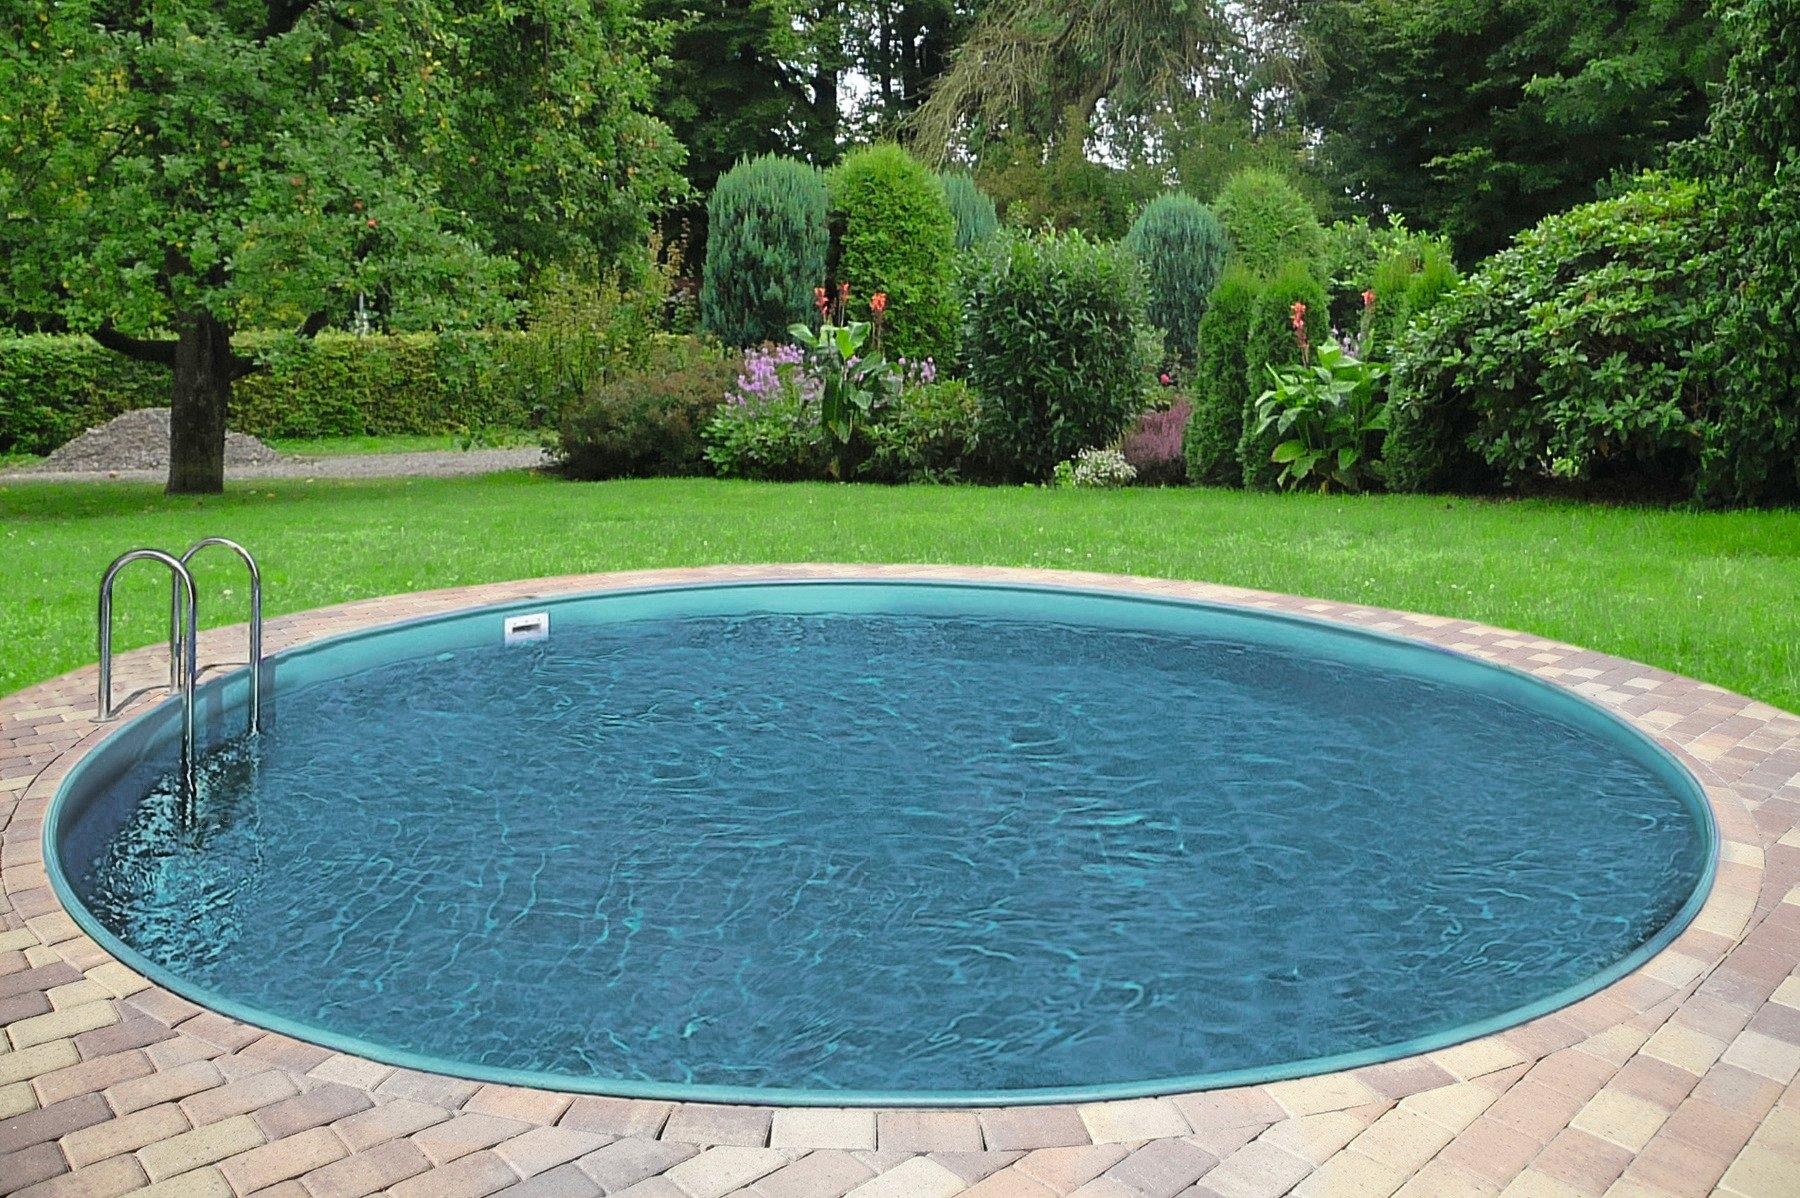 Clear pool rond zwembad premium ibiza snel online gekocht otto - Rond het zwembad ...